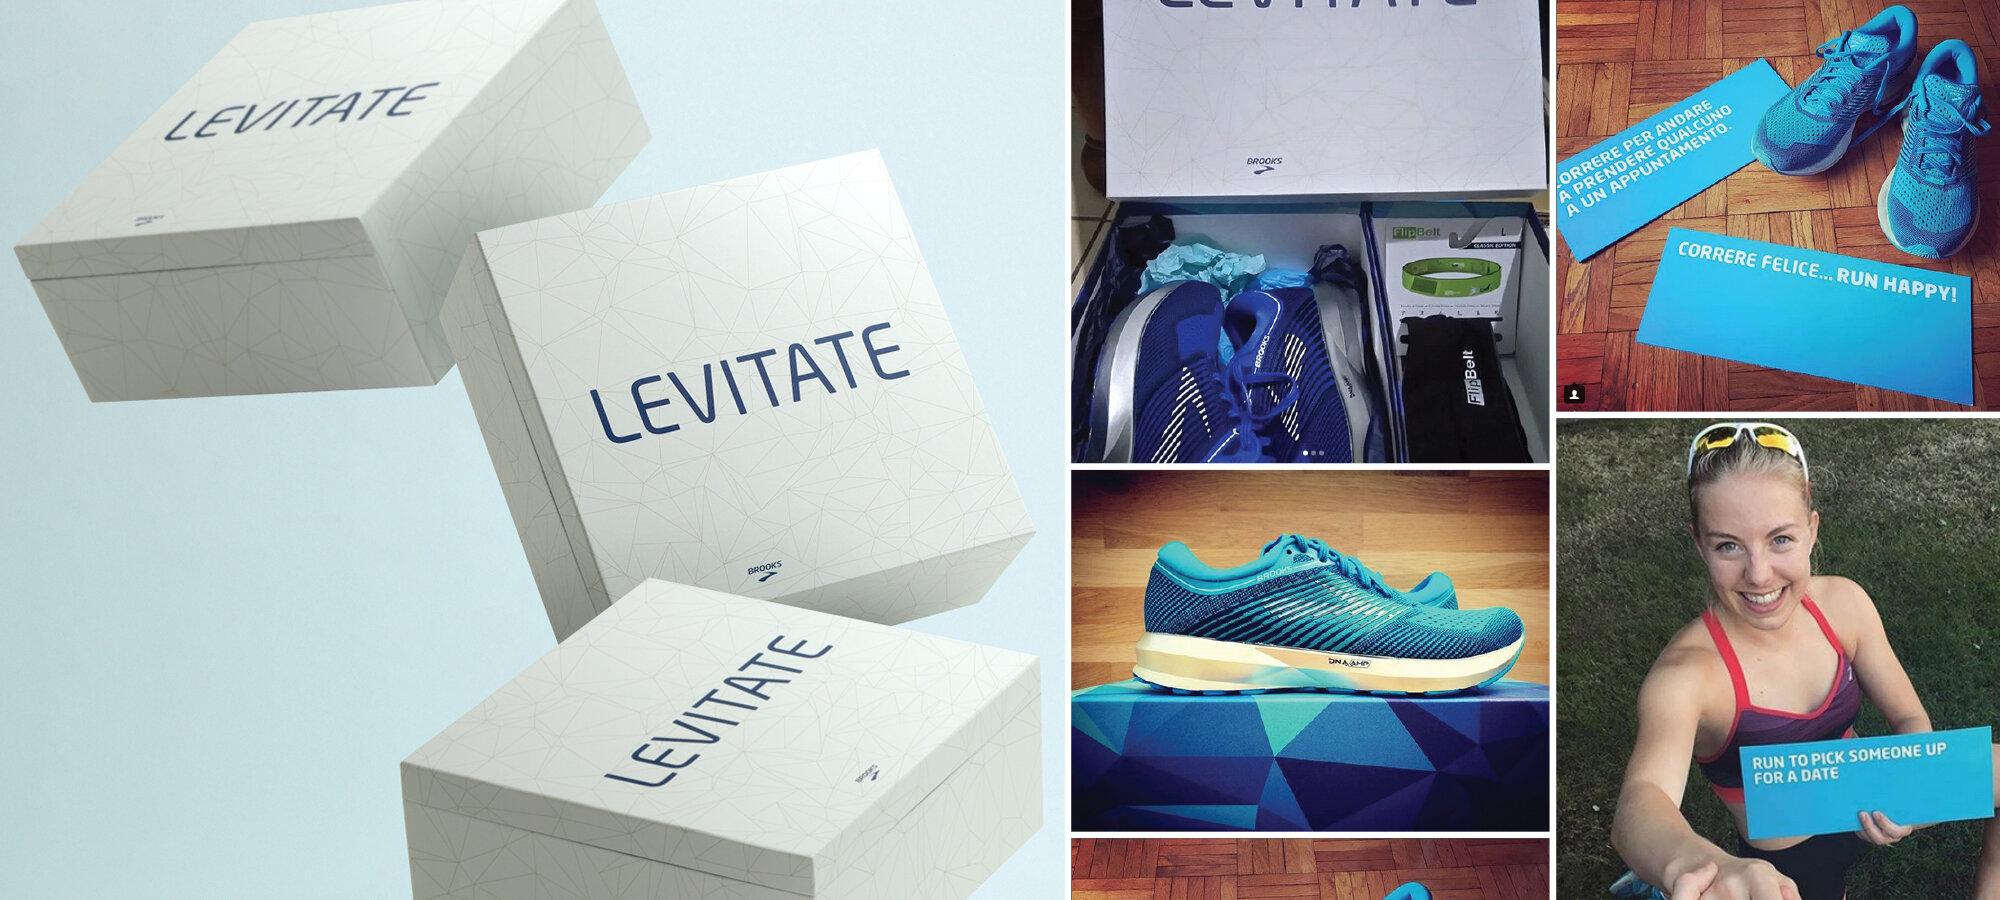 鞋类影响器 - 包装 - 设计-1.jpg